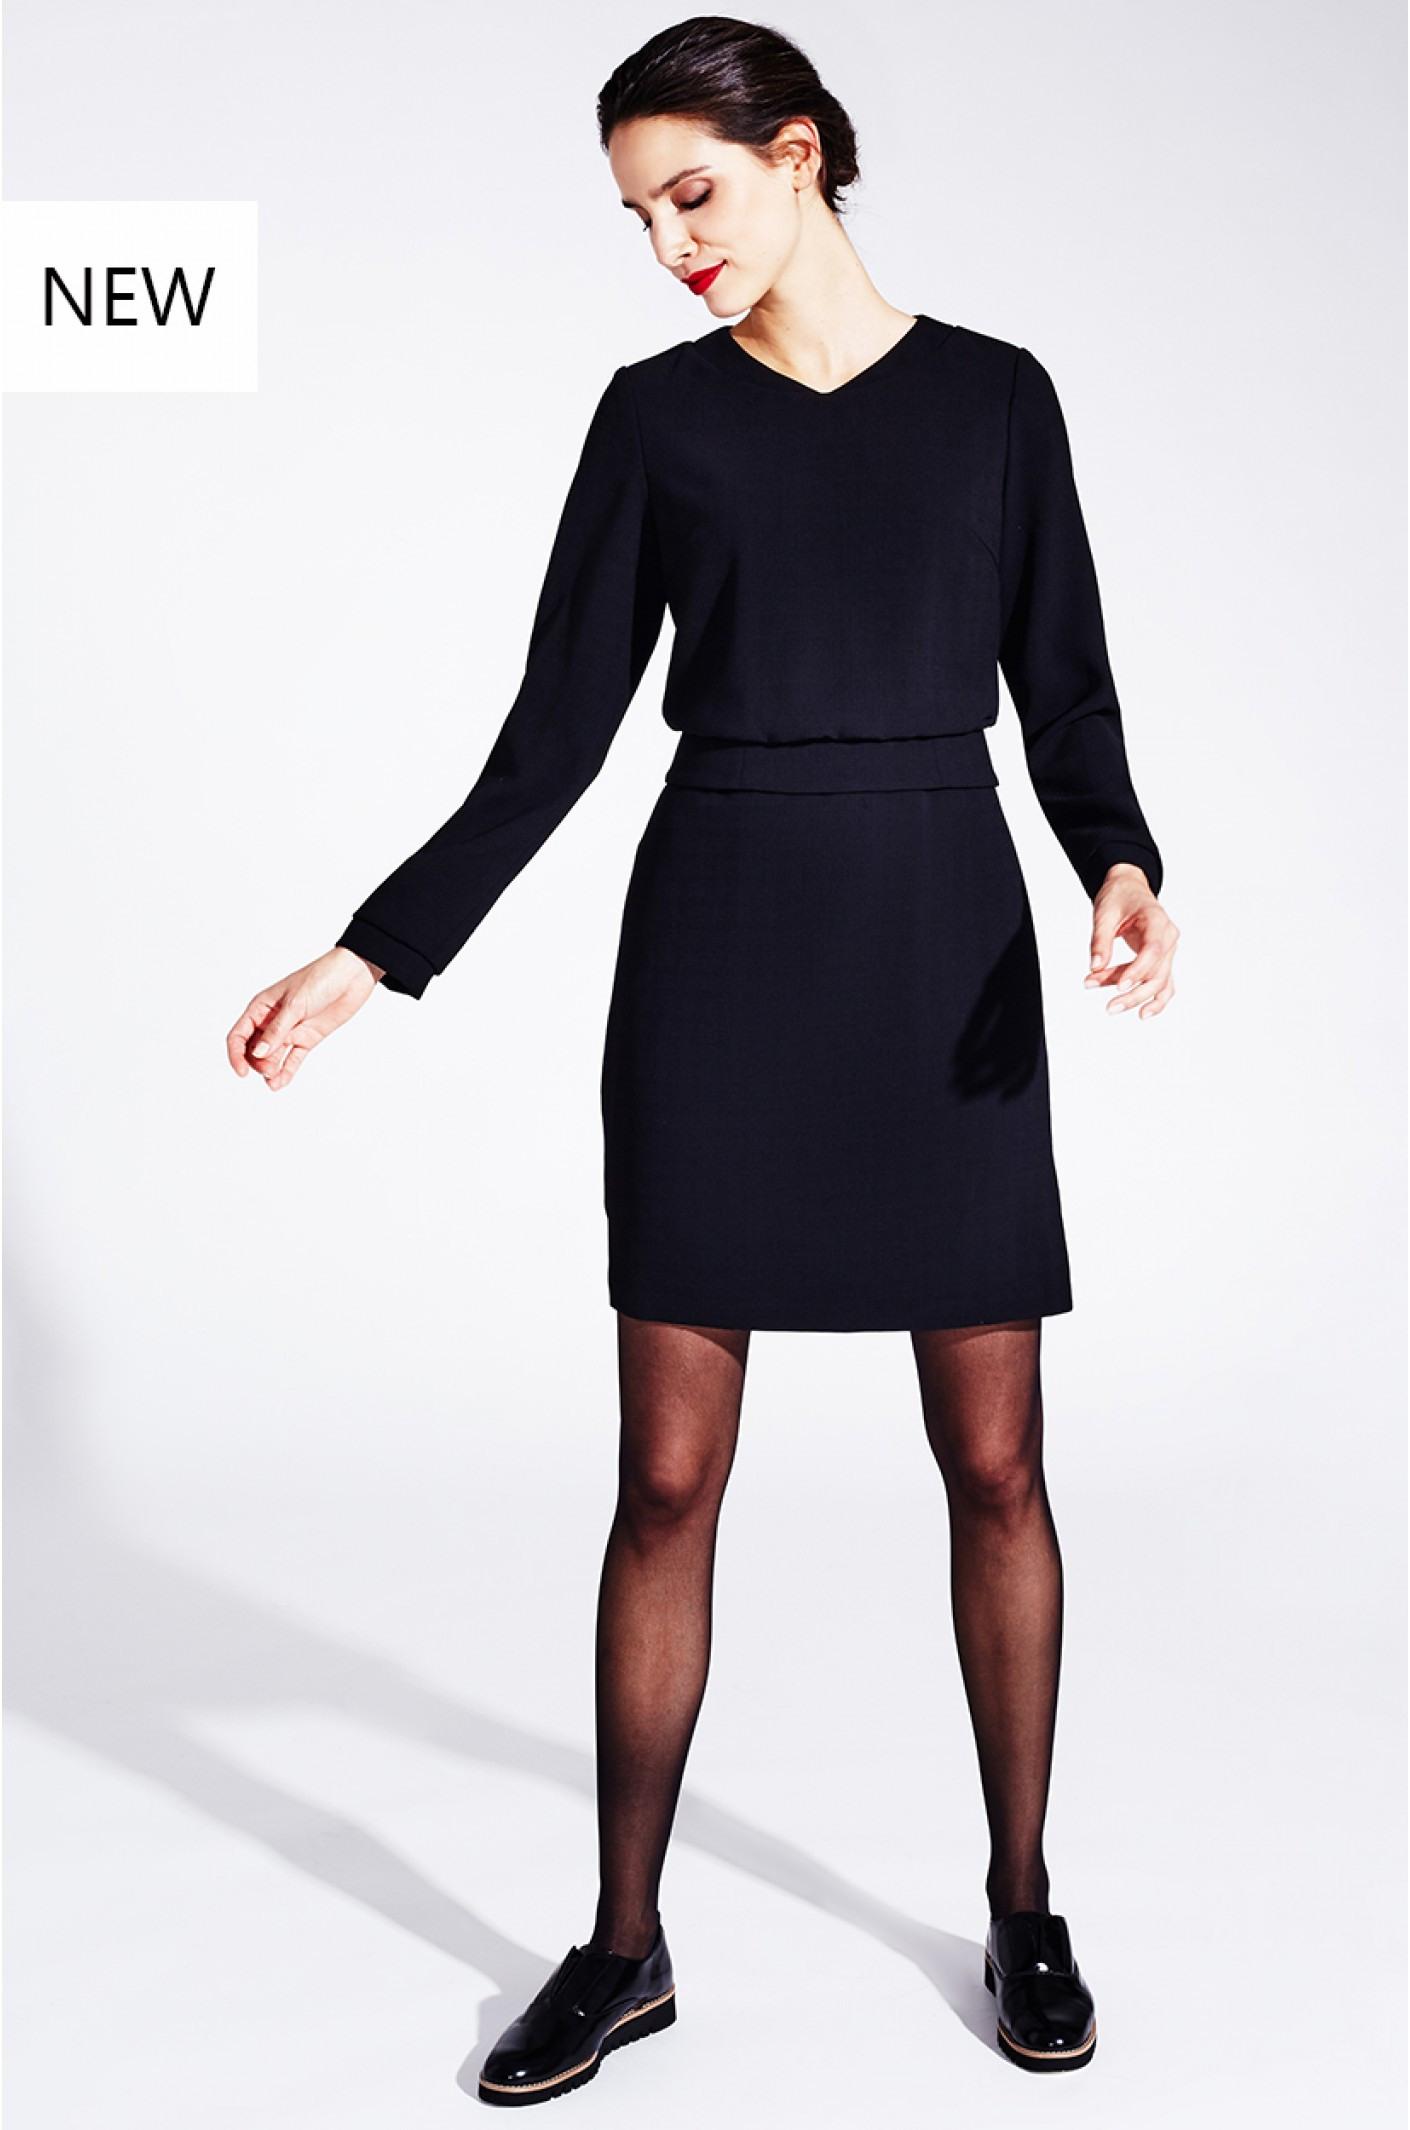 20 Genial Schwarzes Spitzenkleid Langarm Design Ausgezeichnet Schwarzes Spitzenkleid Langarm für 2019